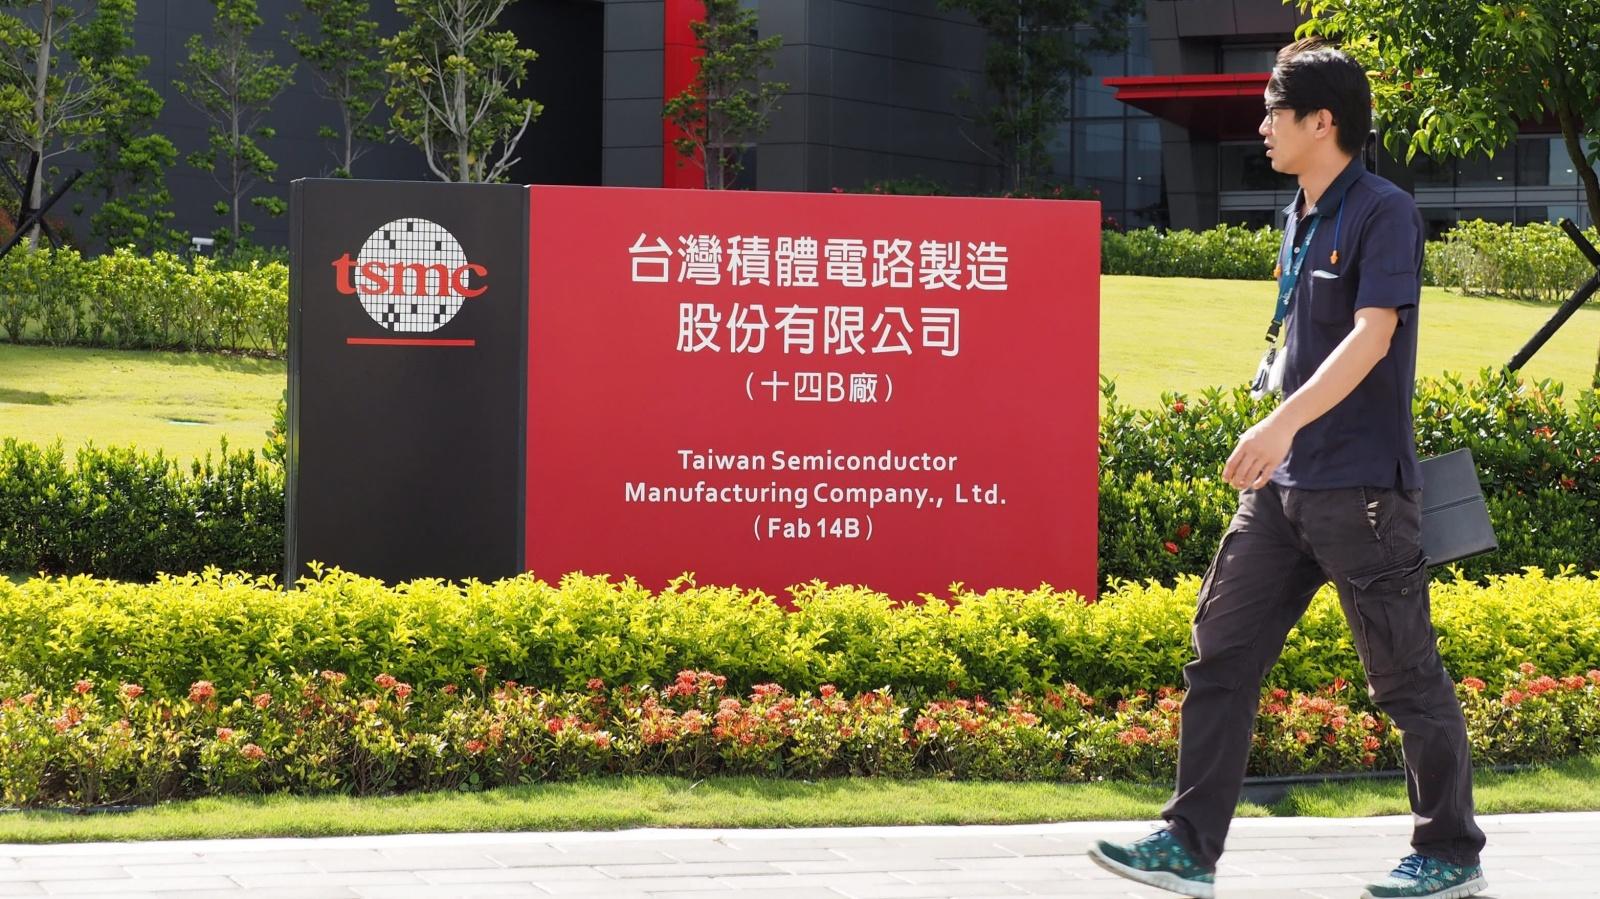 Huawei выпускает собственный ноутбук с ARM-процессором и китайским Linux для обхода санкций США - 5